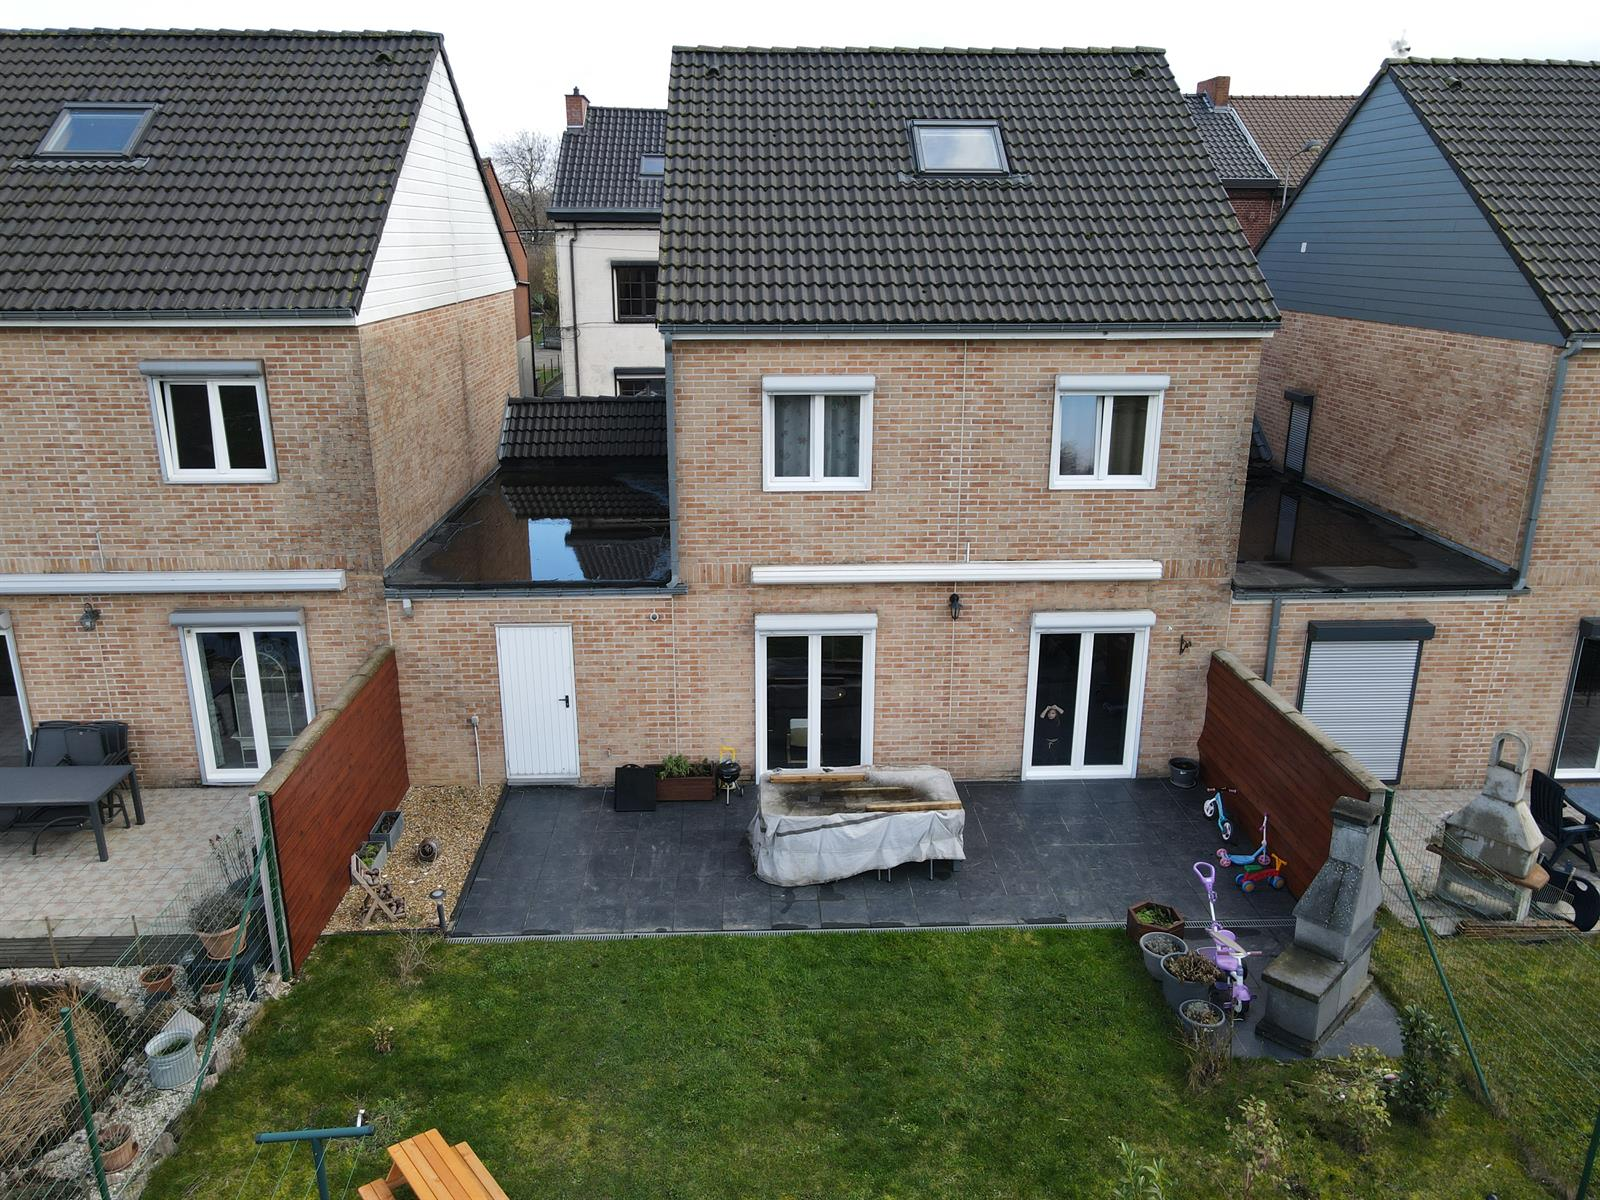 Maison - Charleroi - #4292230-1